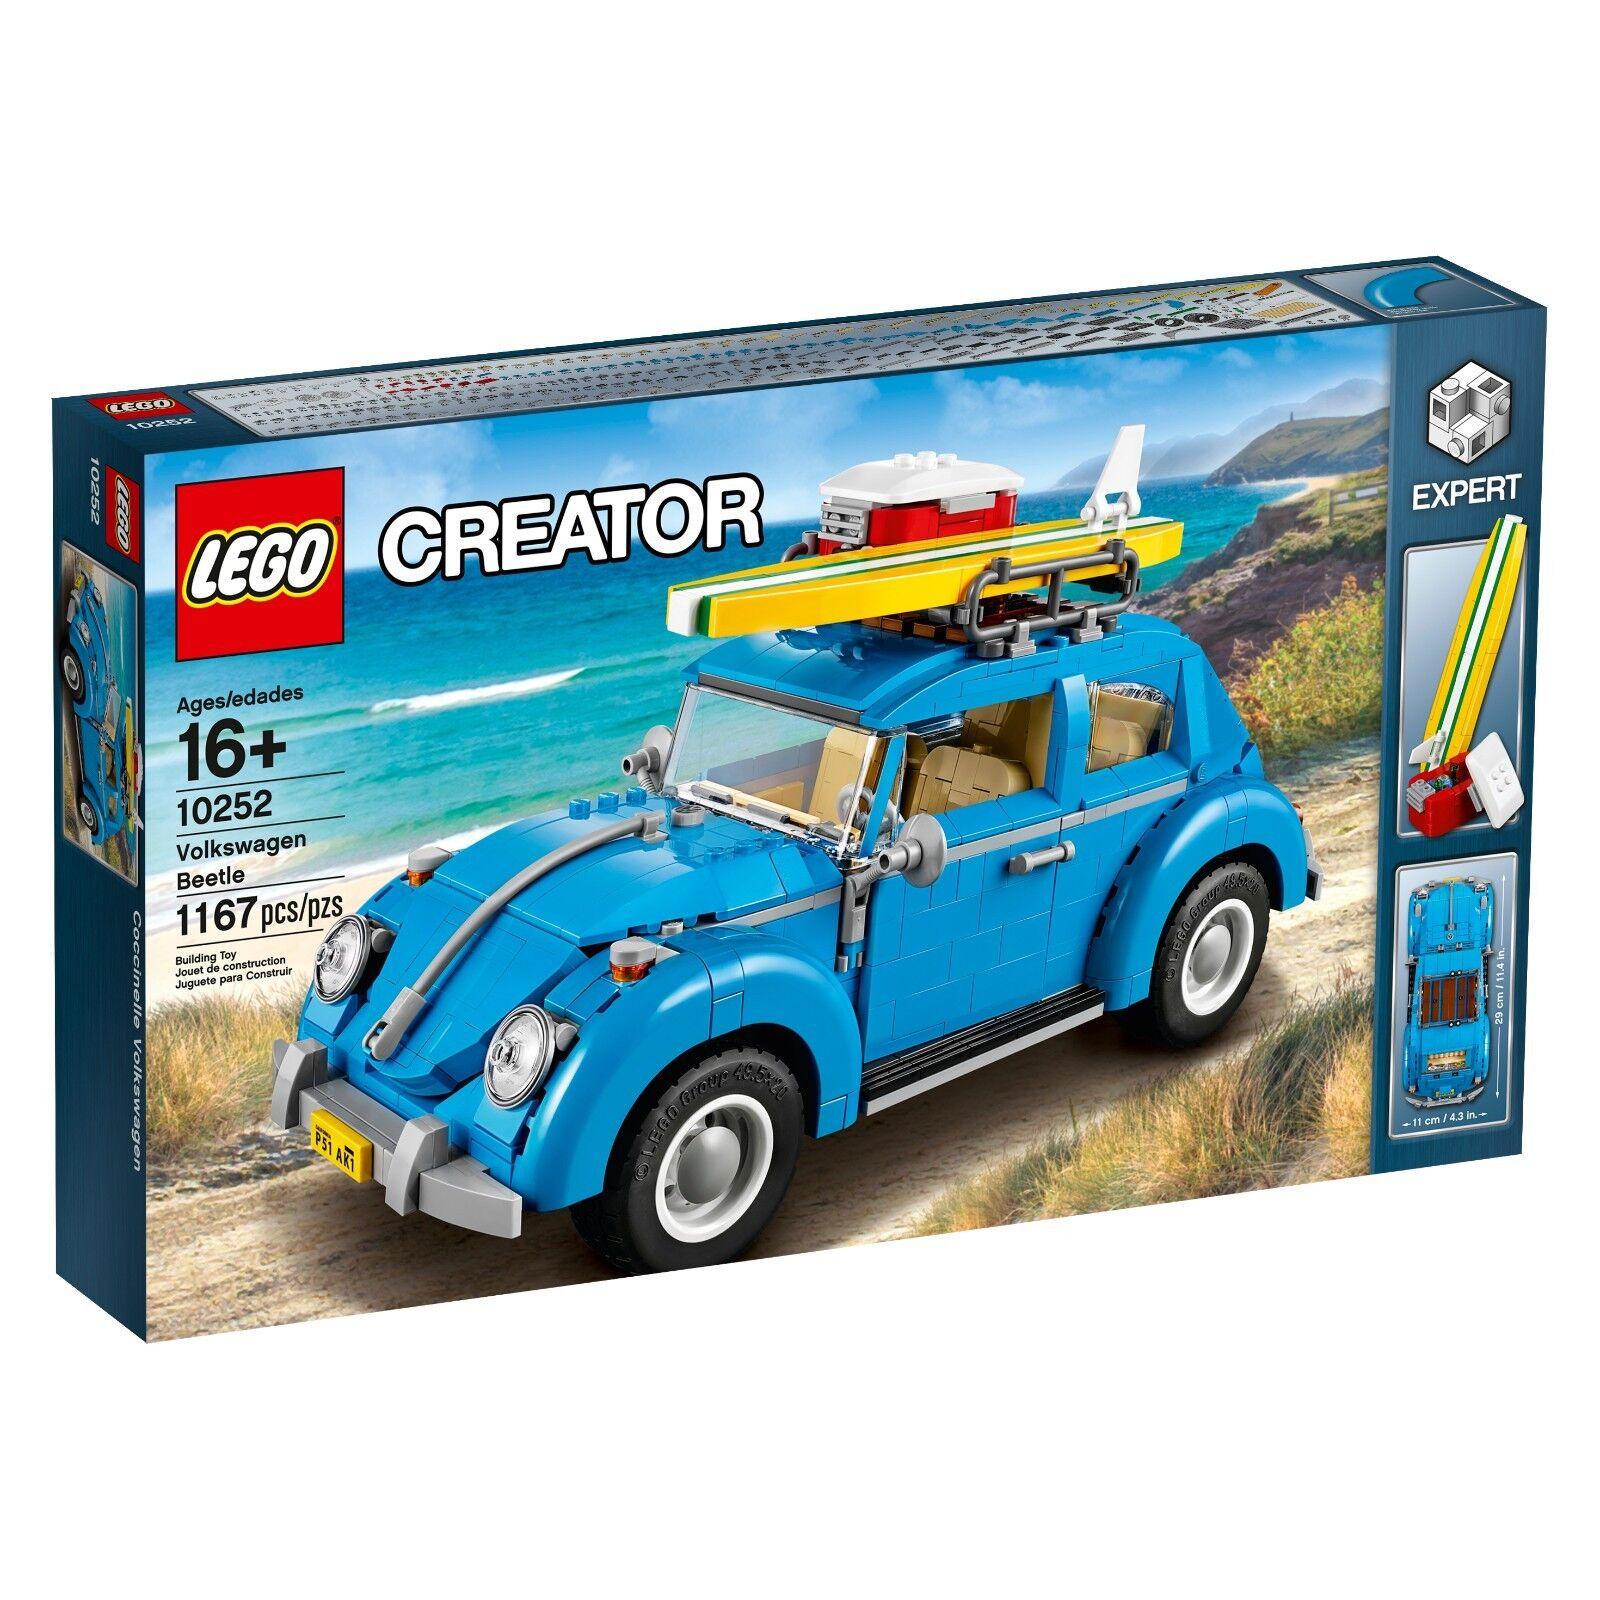 LEGO 10252 Volkswagen Beetle  Creator Expert 16+  Pz1167